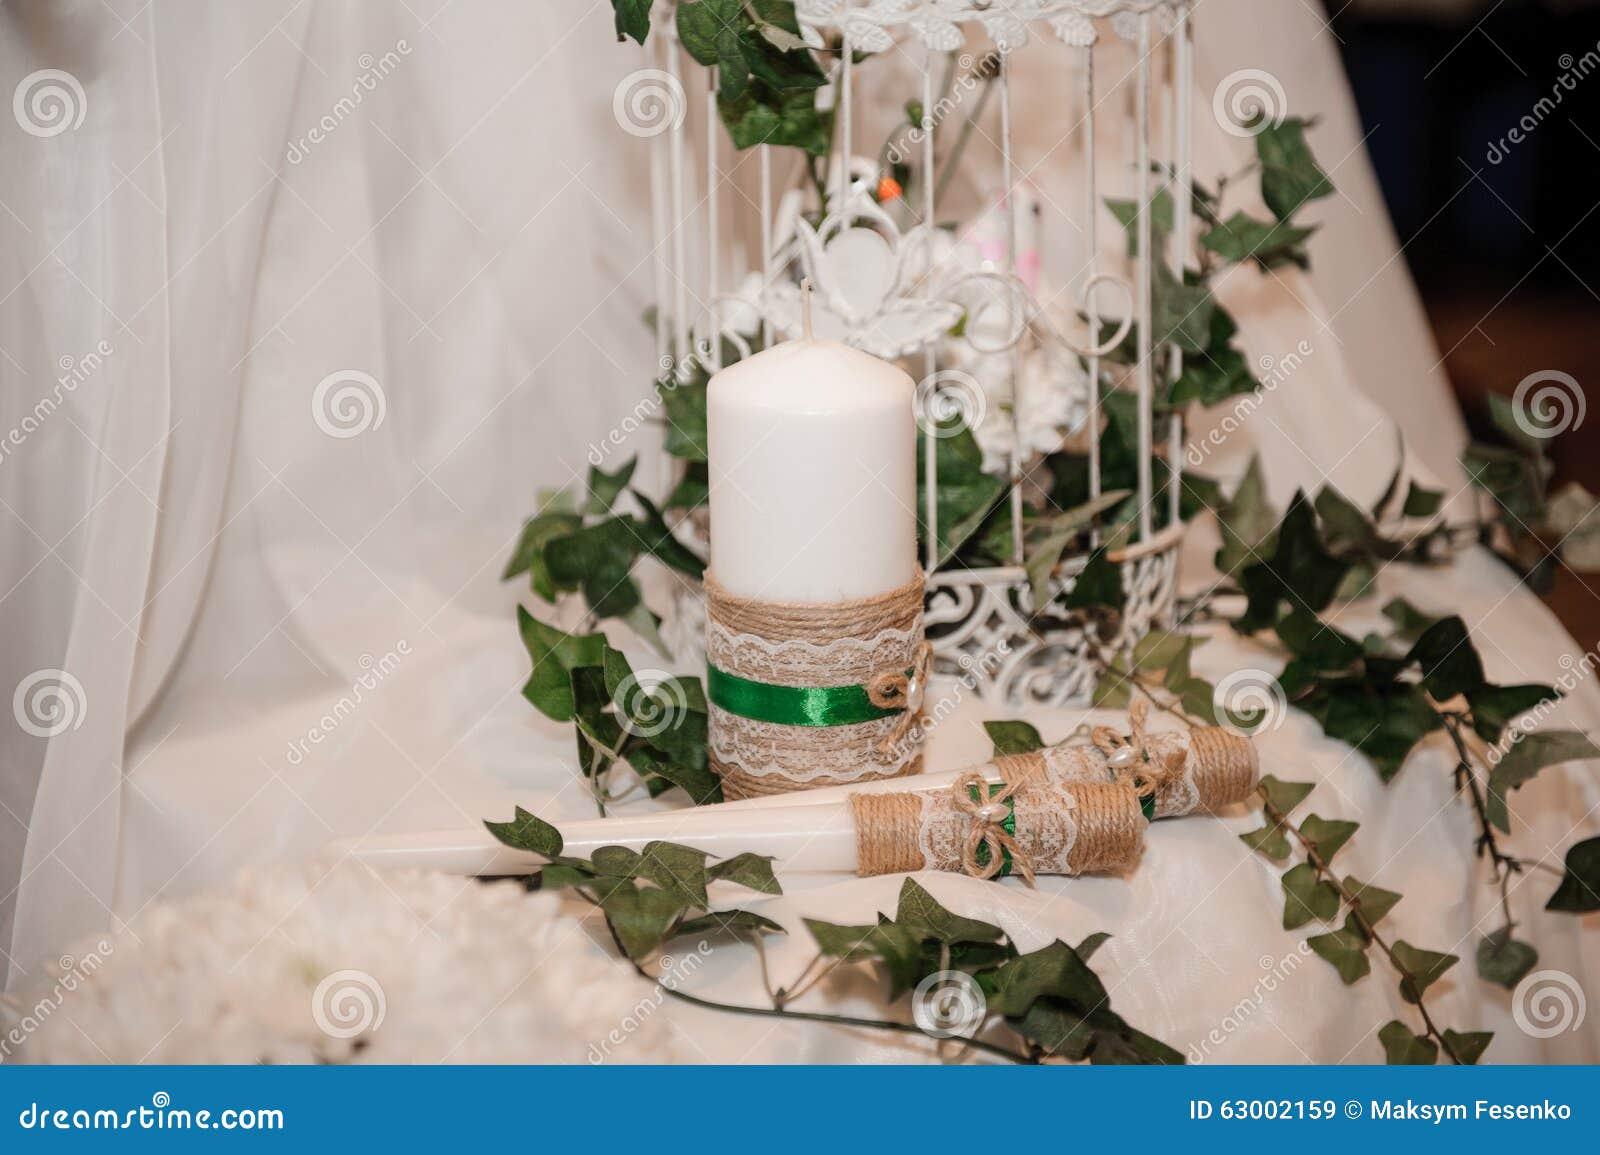 Decorazioni Da Tavola Per Natale : Decorazione della tavola di natale nel bianco e nel verde immagine